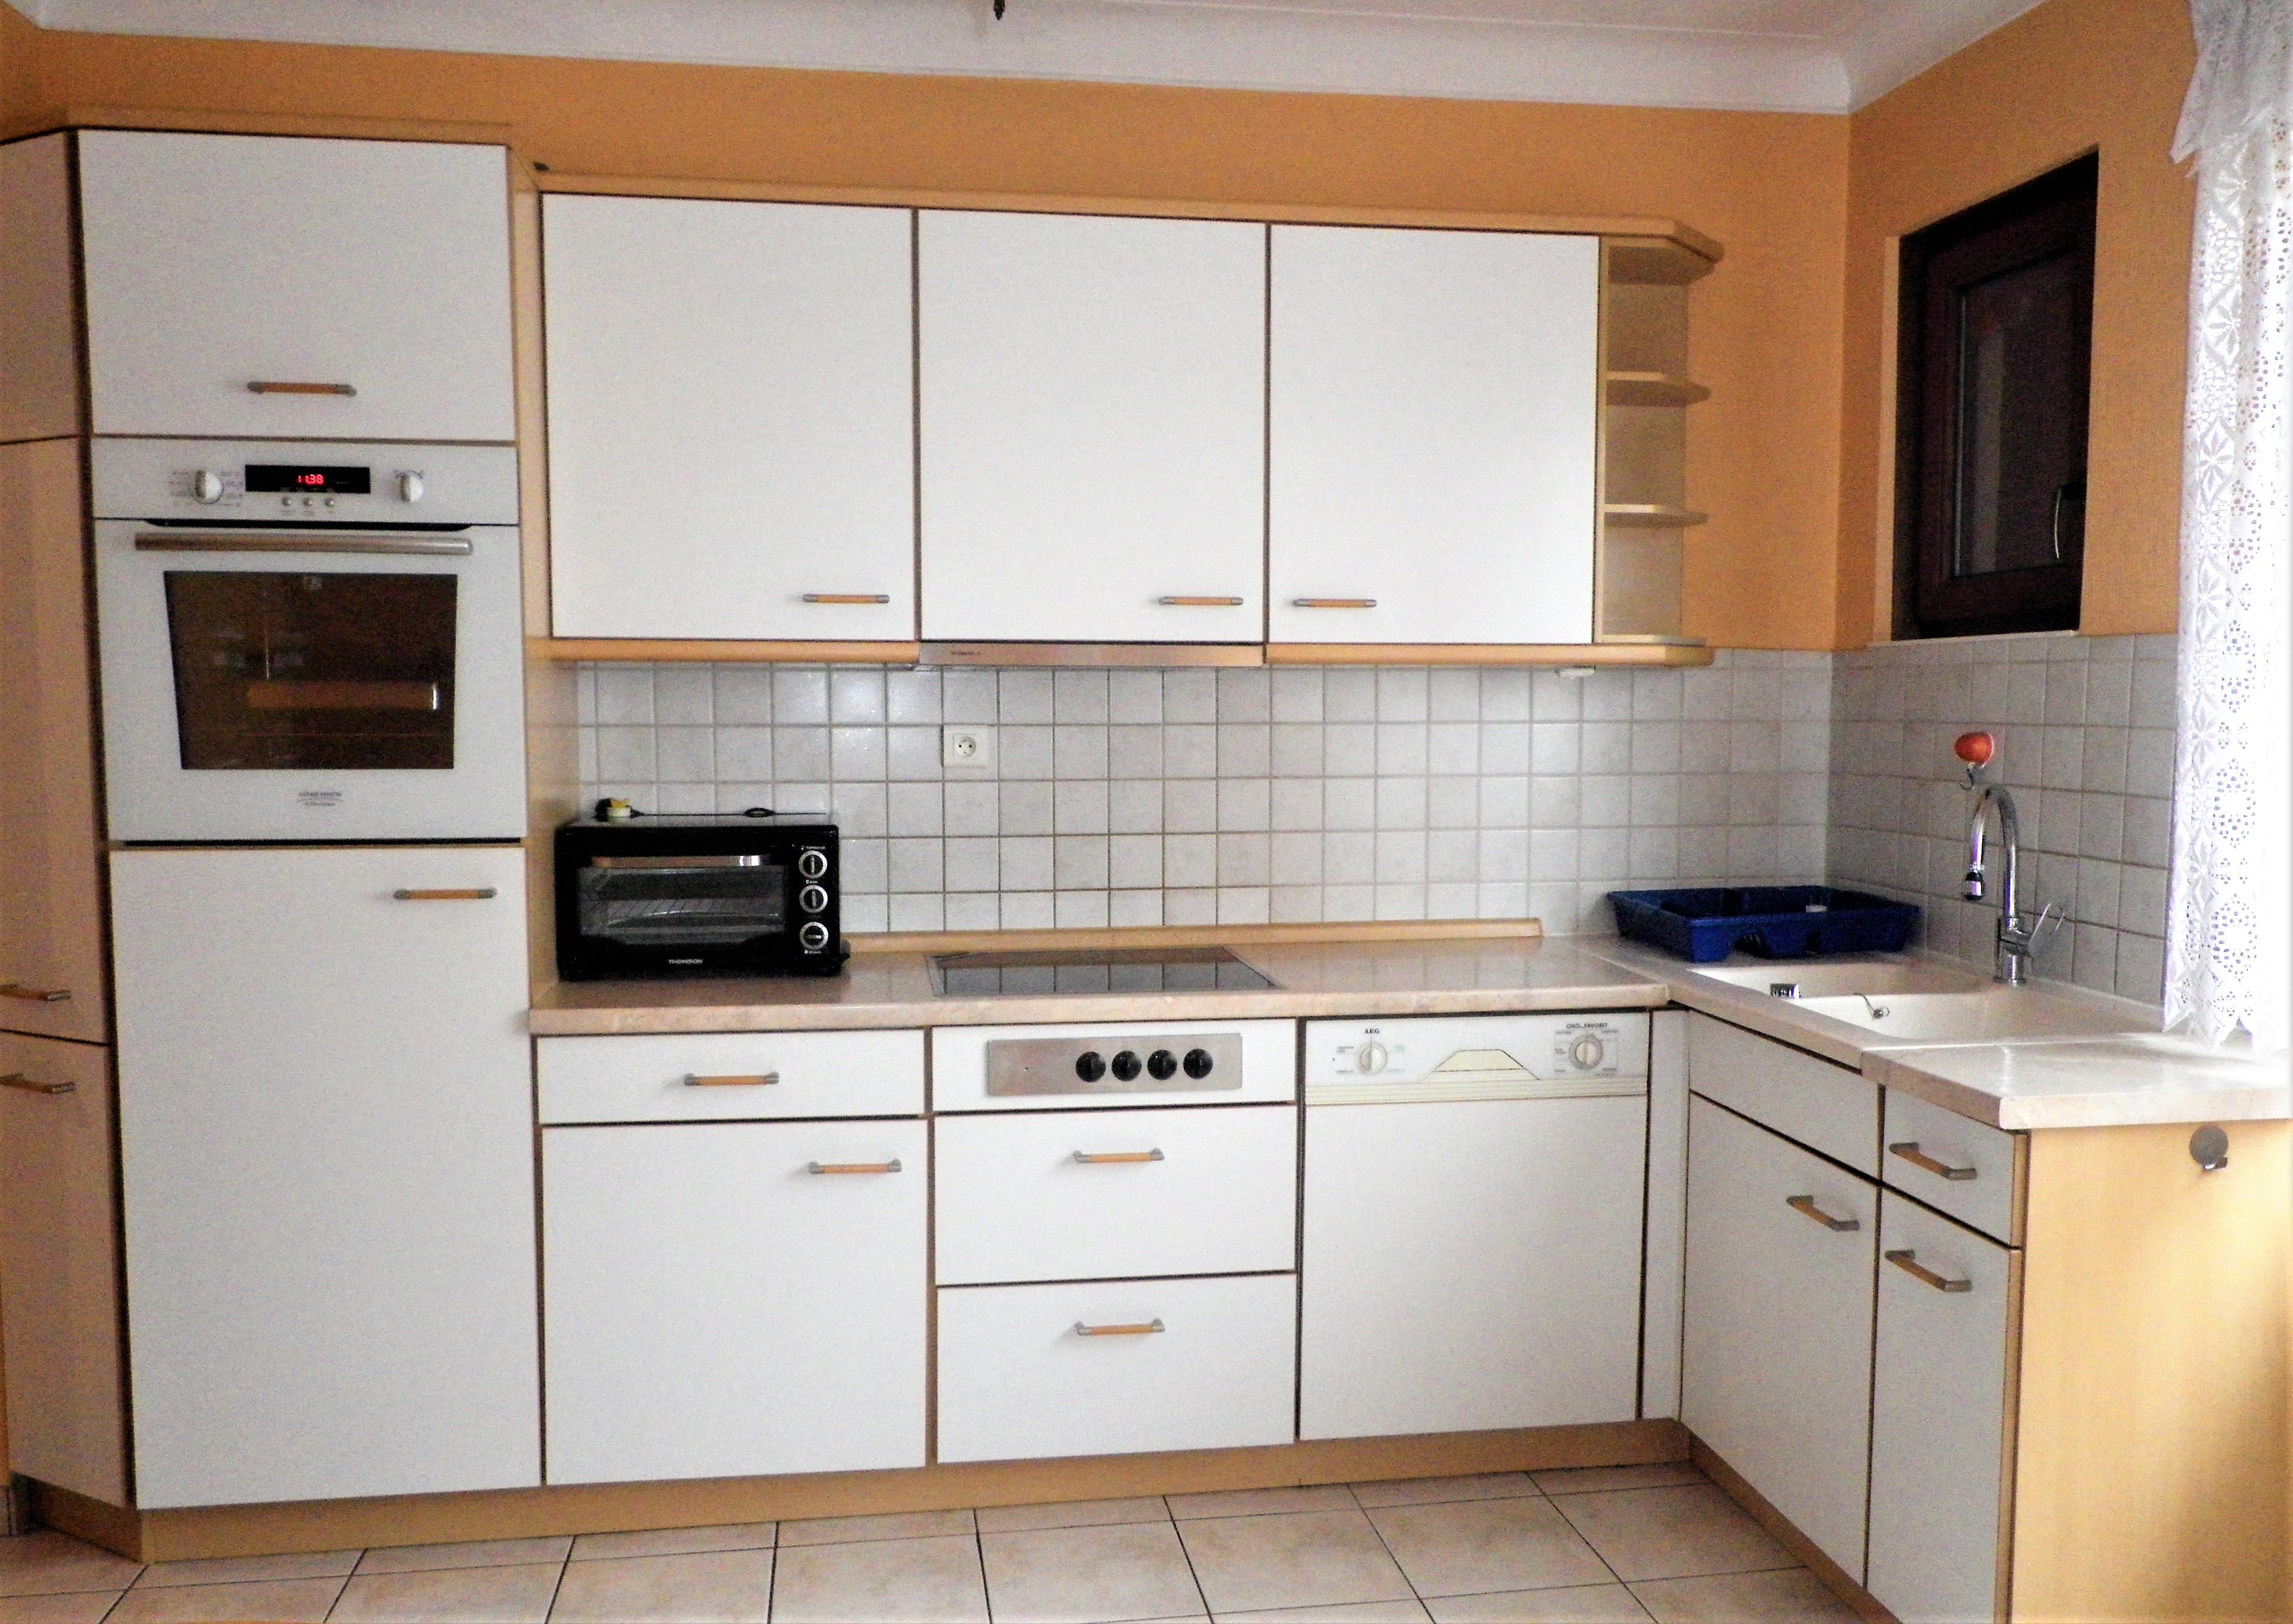 immobilière du waldhof – achat et location dans le bas-rhin